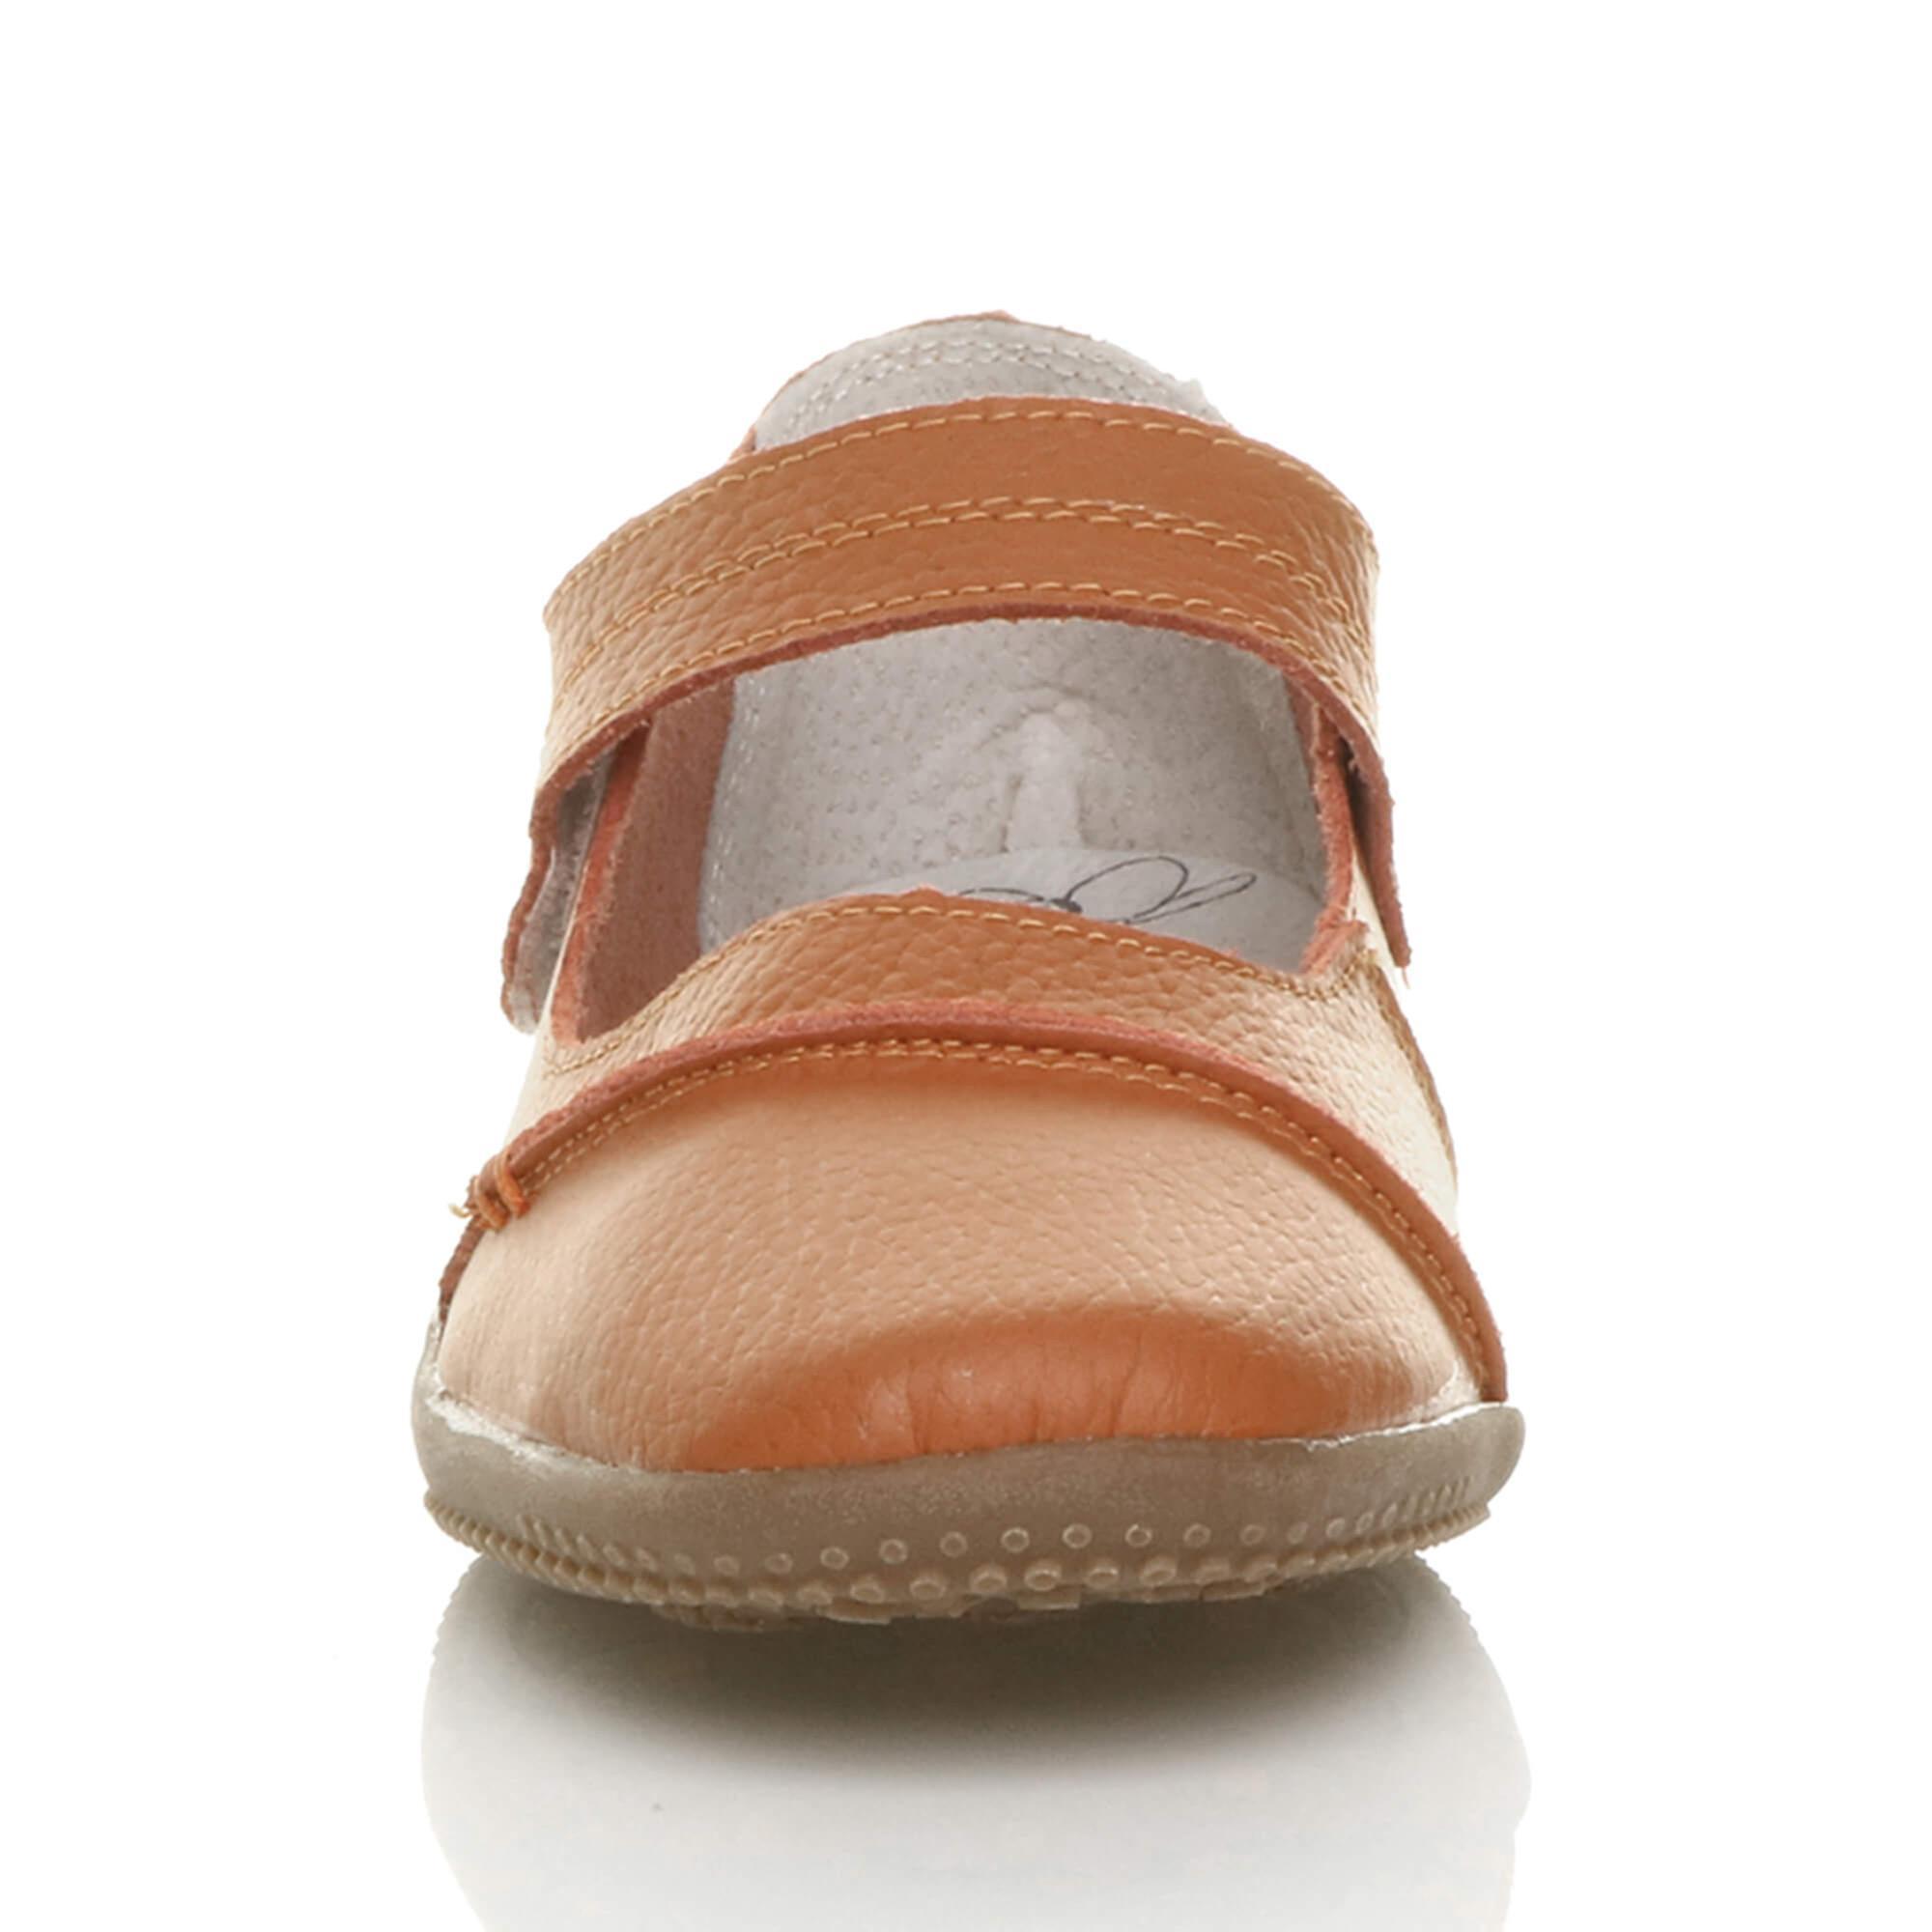 ajvani  s s s plein confort hook & boucle en cuir chaussures marche décontracté. f9aaa2